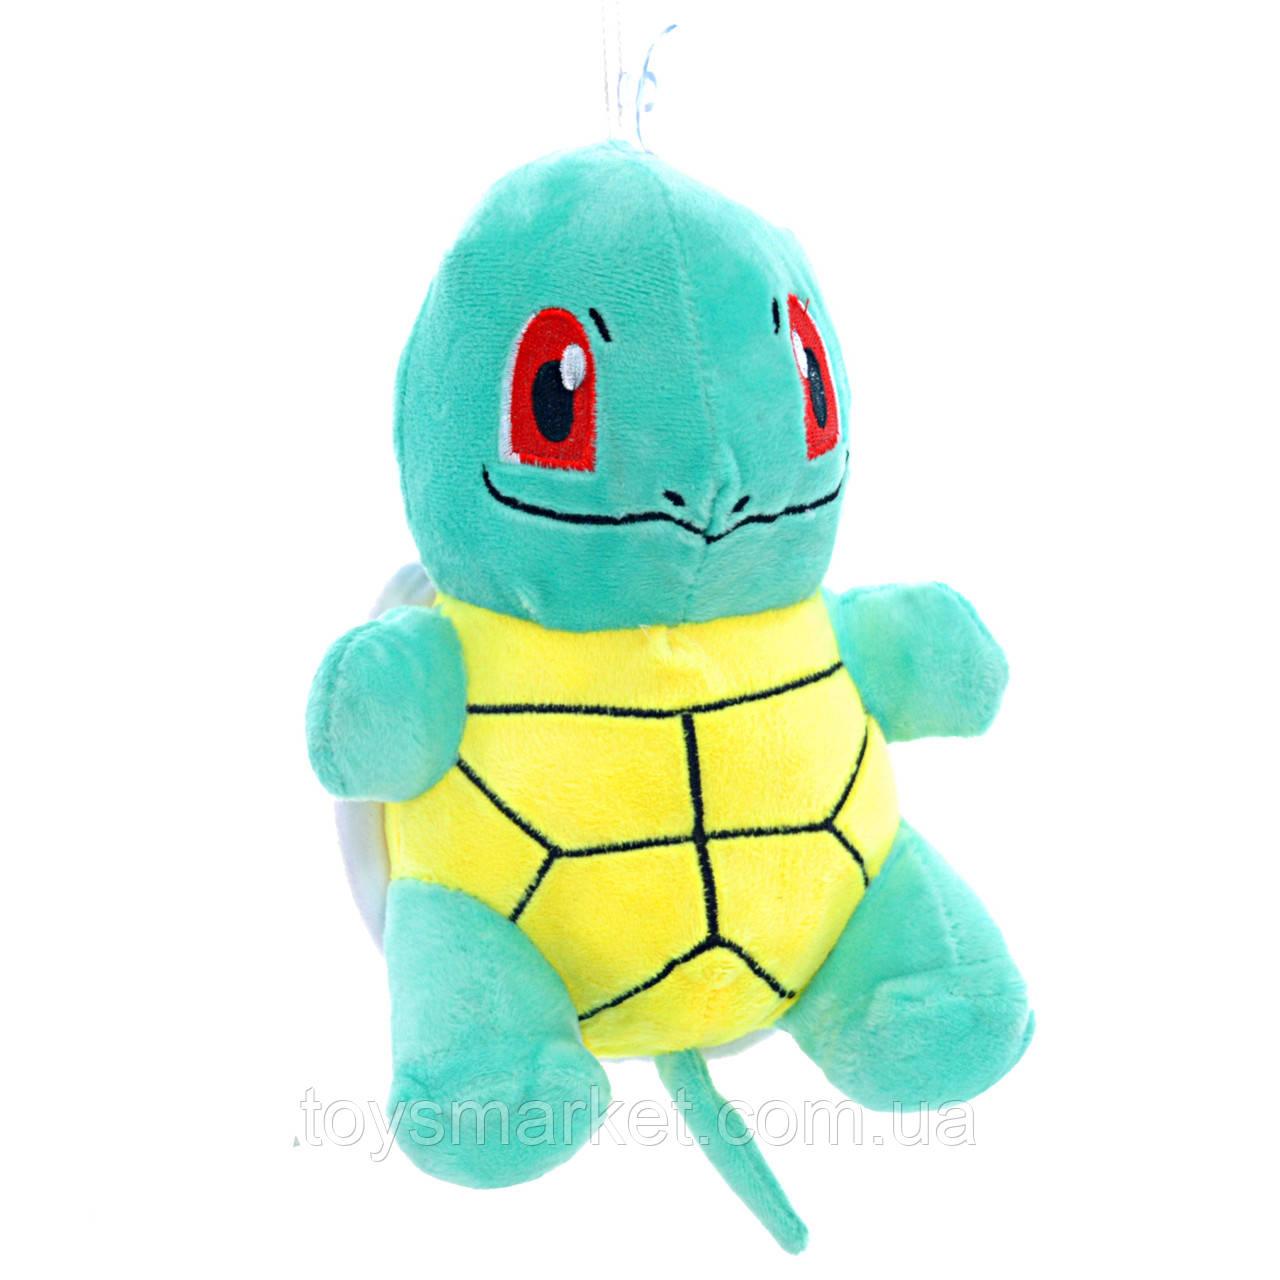 Детская мягкая игрушка, покемон Сквиртл, Squirtle